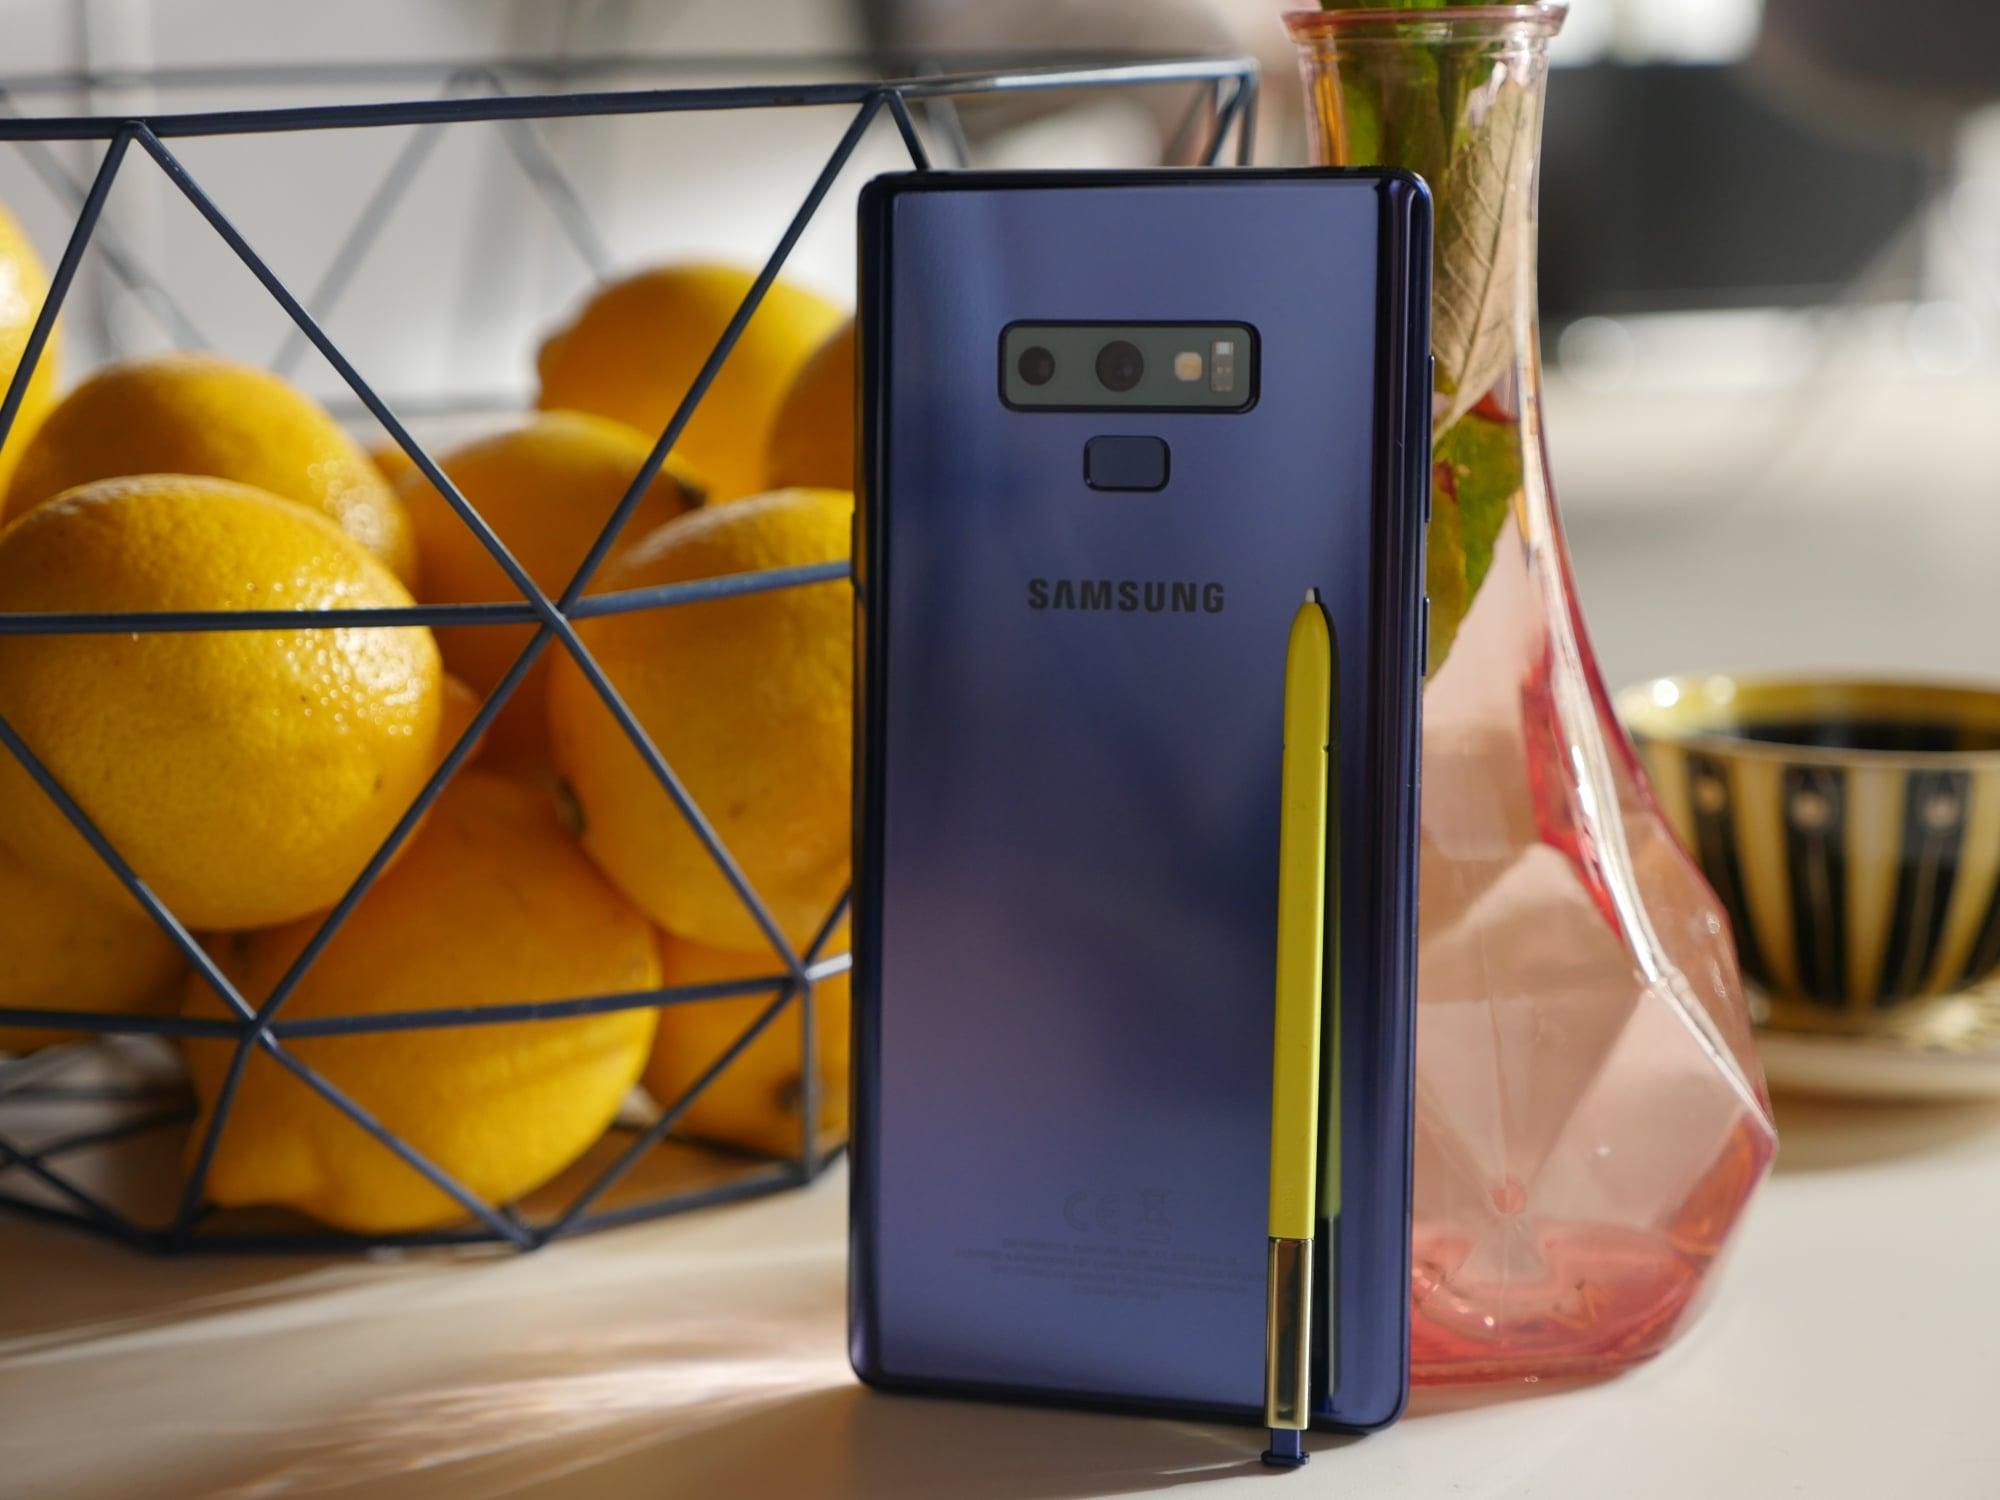 Samsung Galaxy Note 9 z aktualizacją systemu. Wśród nowości wrześniowe poprawki bezpieczeństwa i usprawnienia aparatu 18